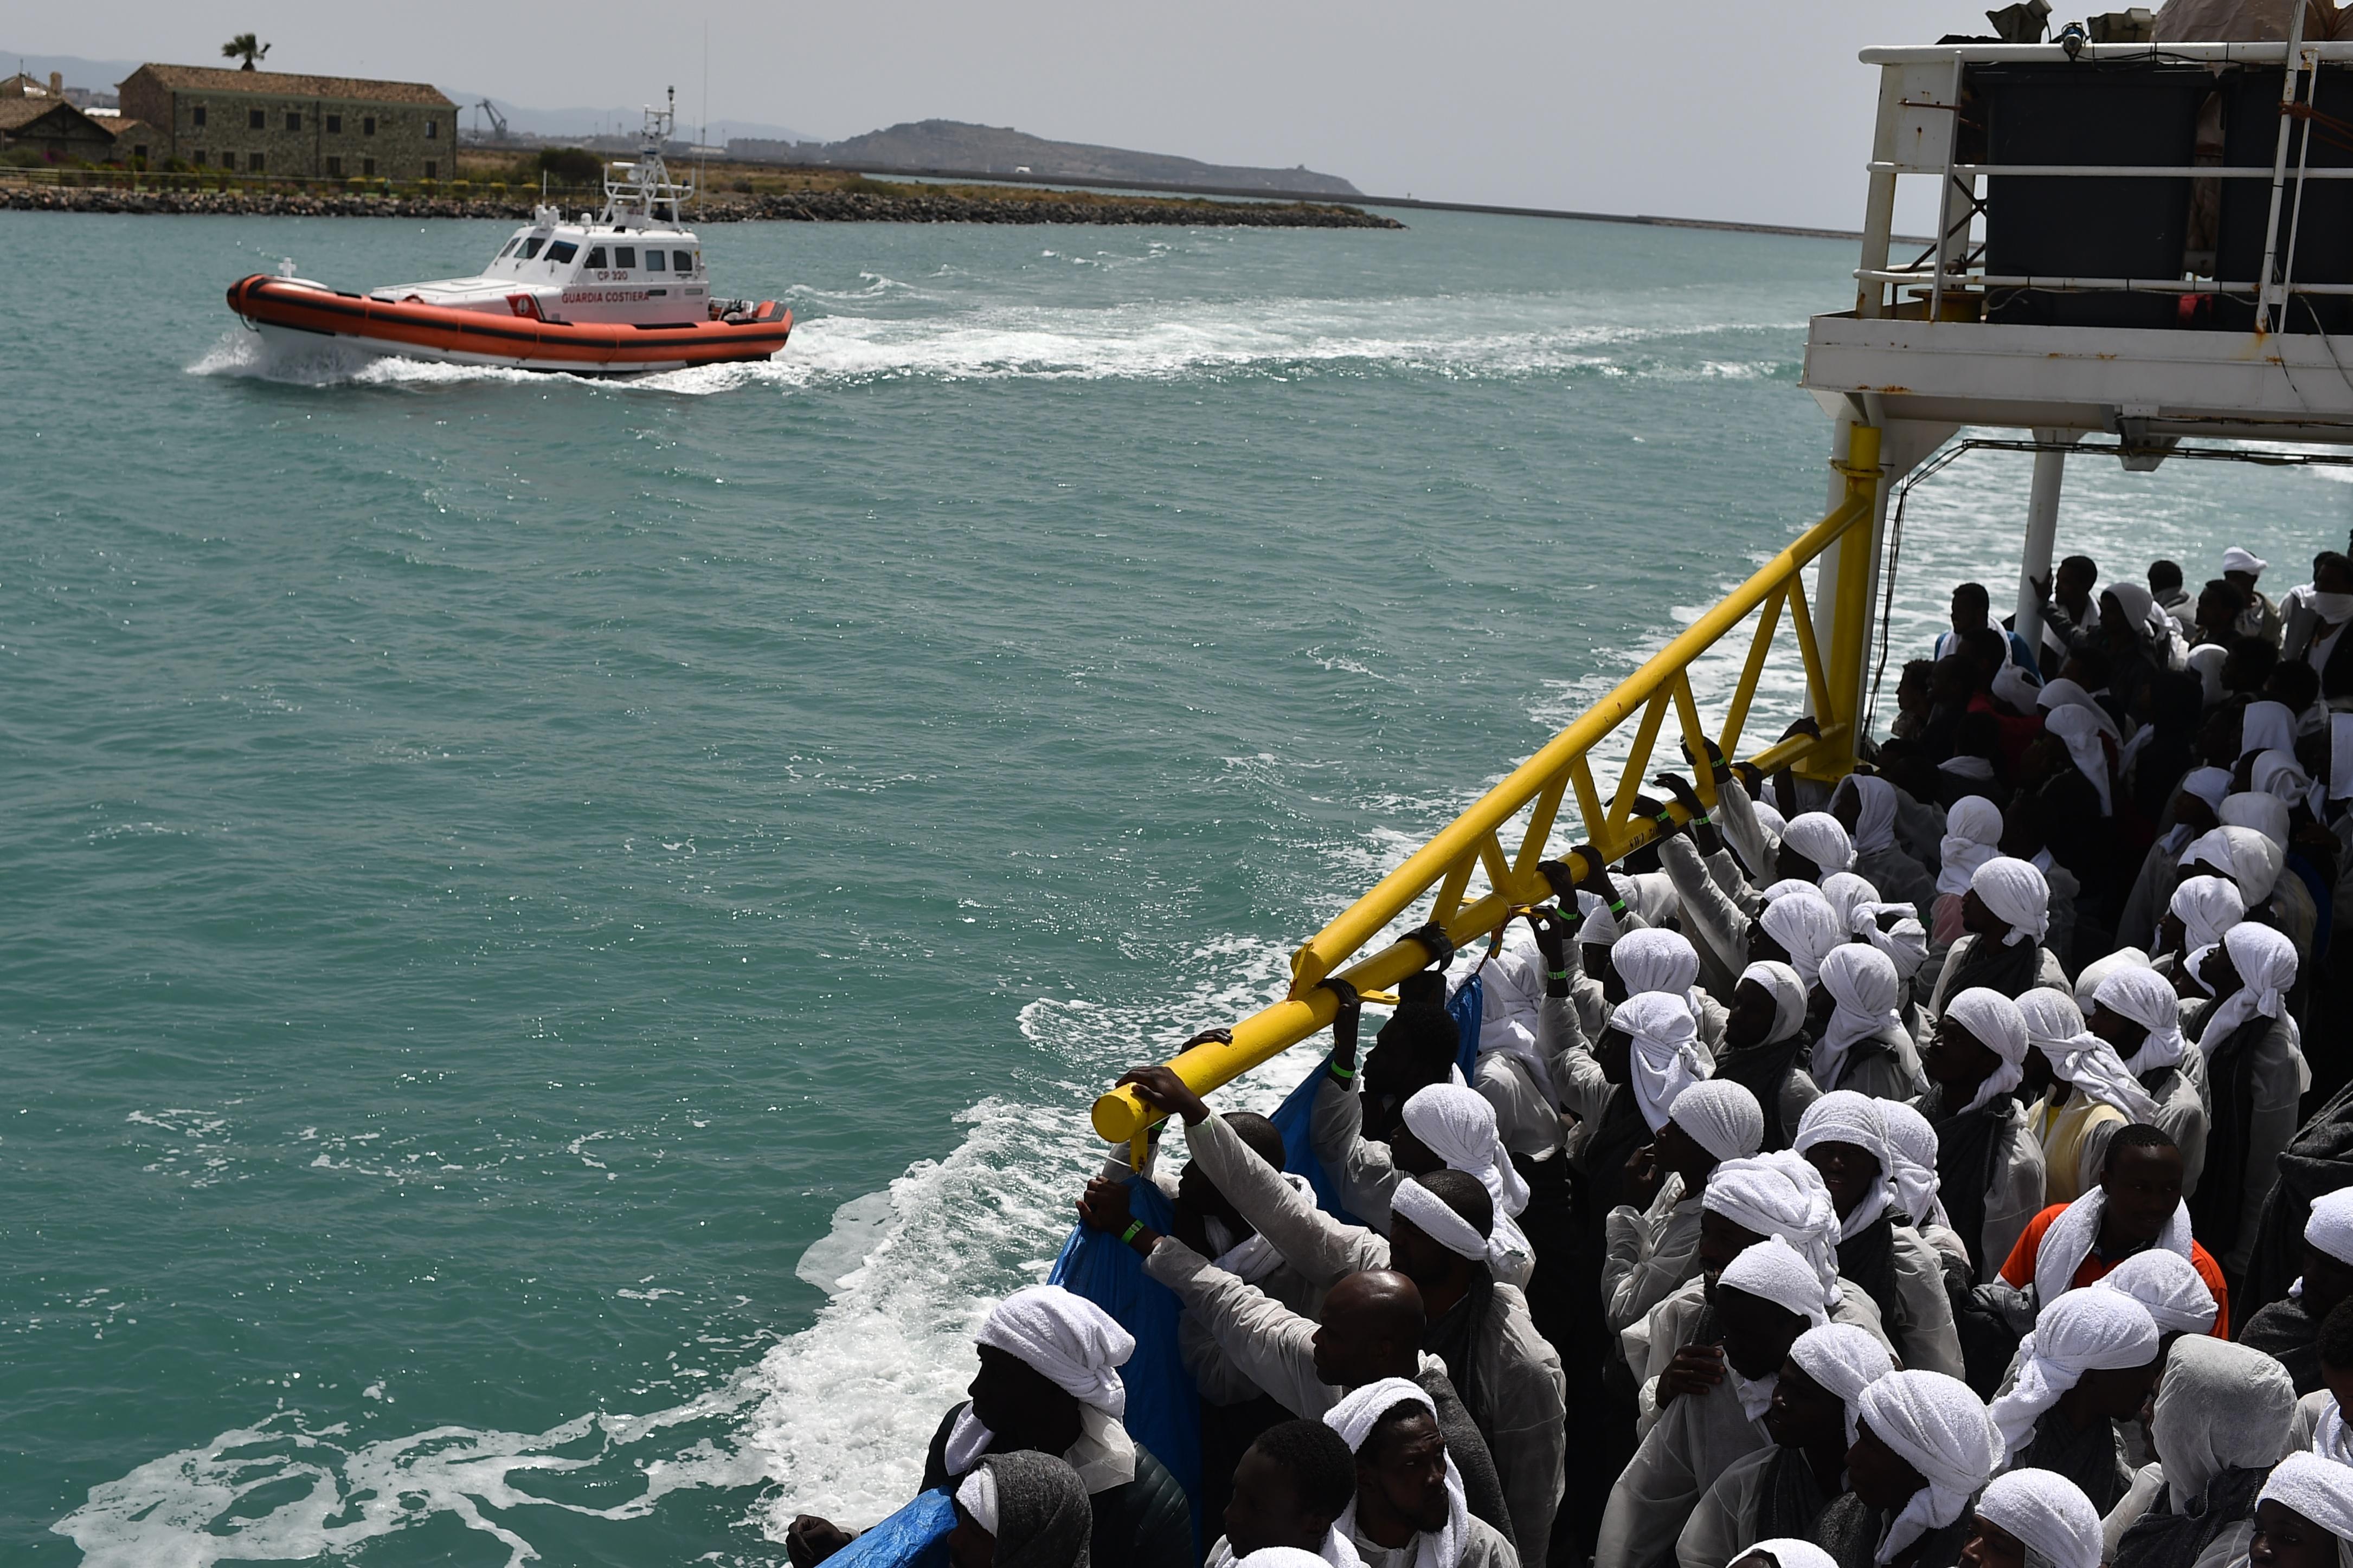 Az elmúlt 24 órában 3400 migránst mentettek ki a Földközi-tengeren